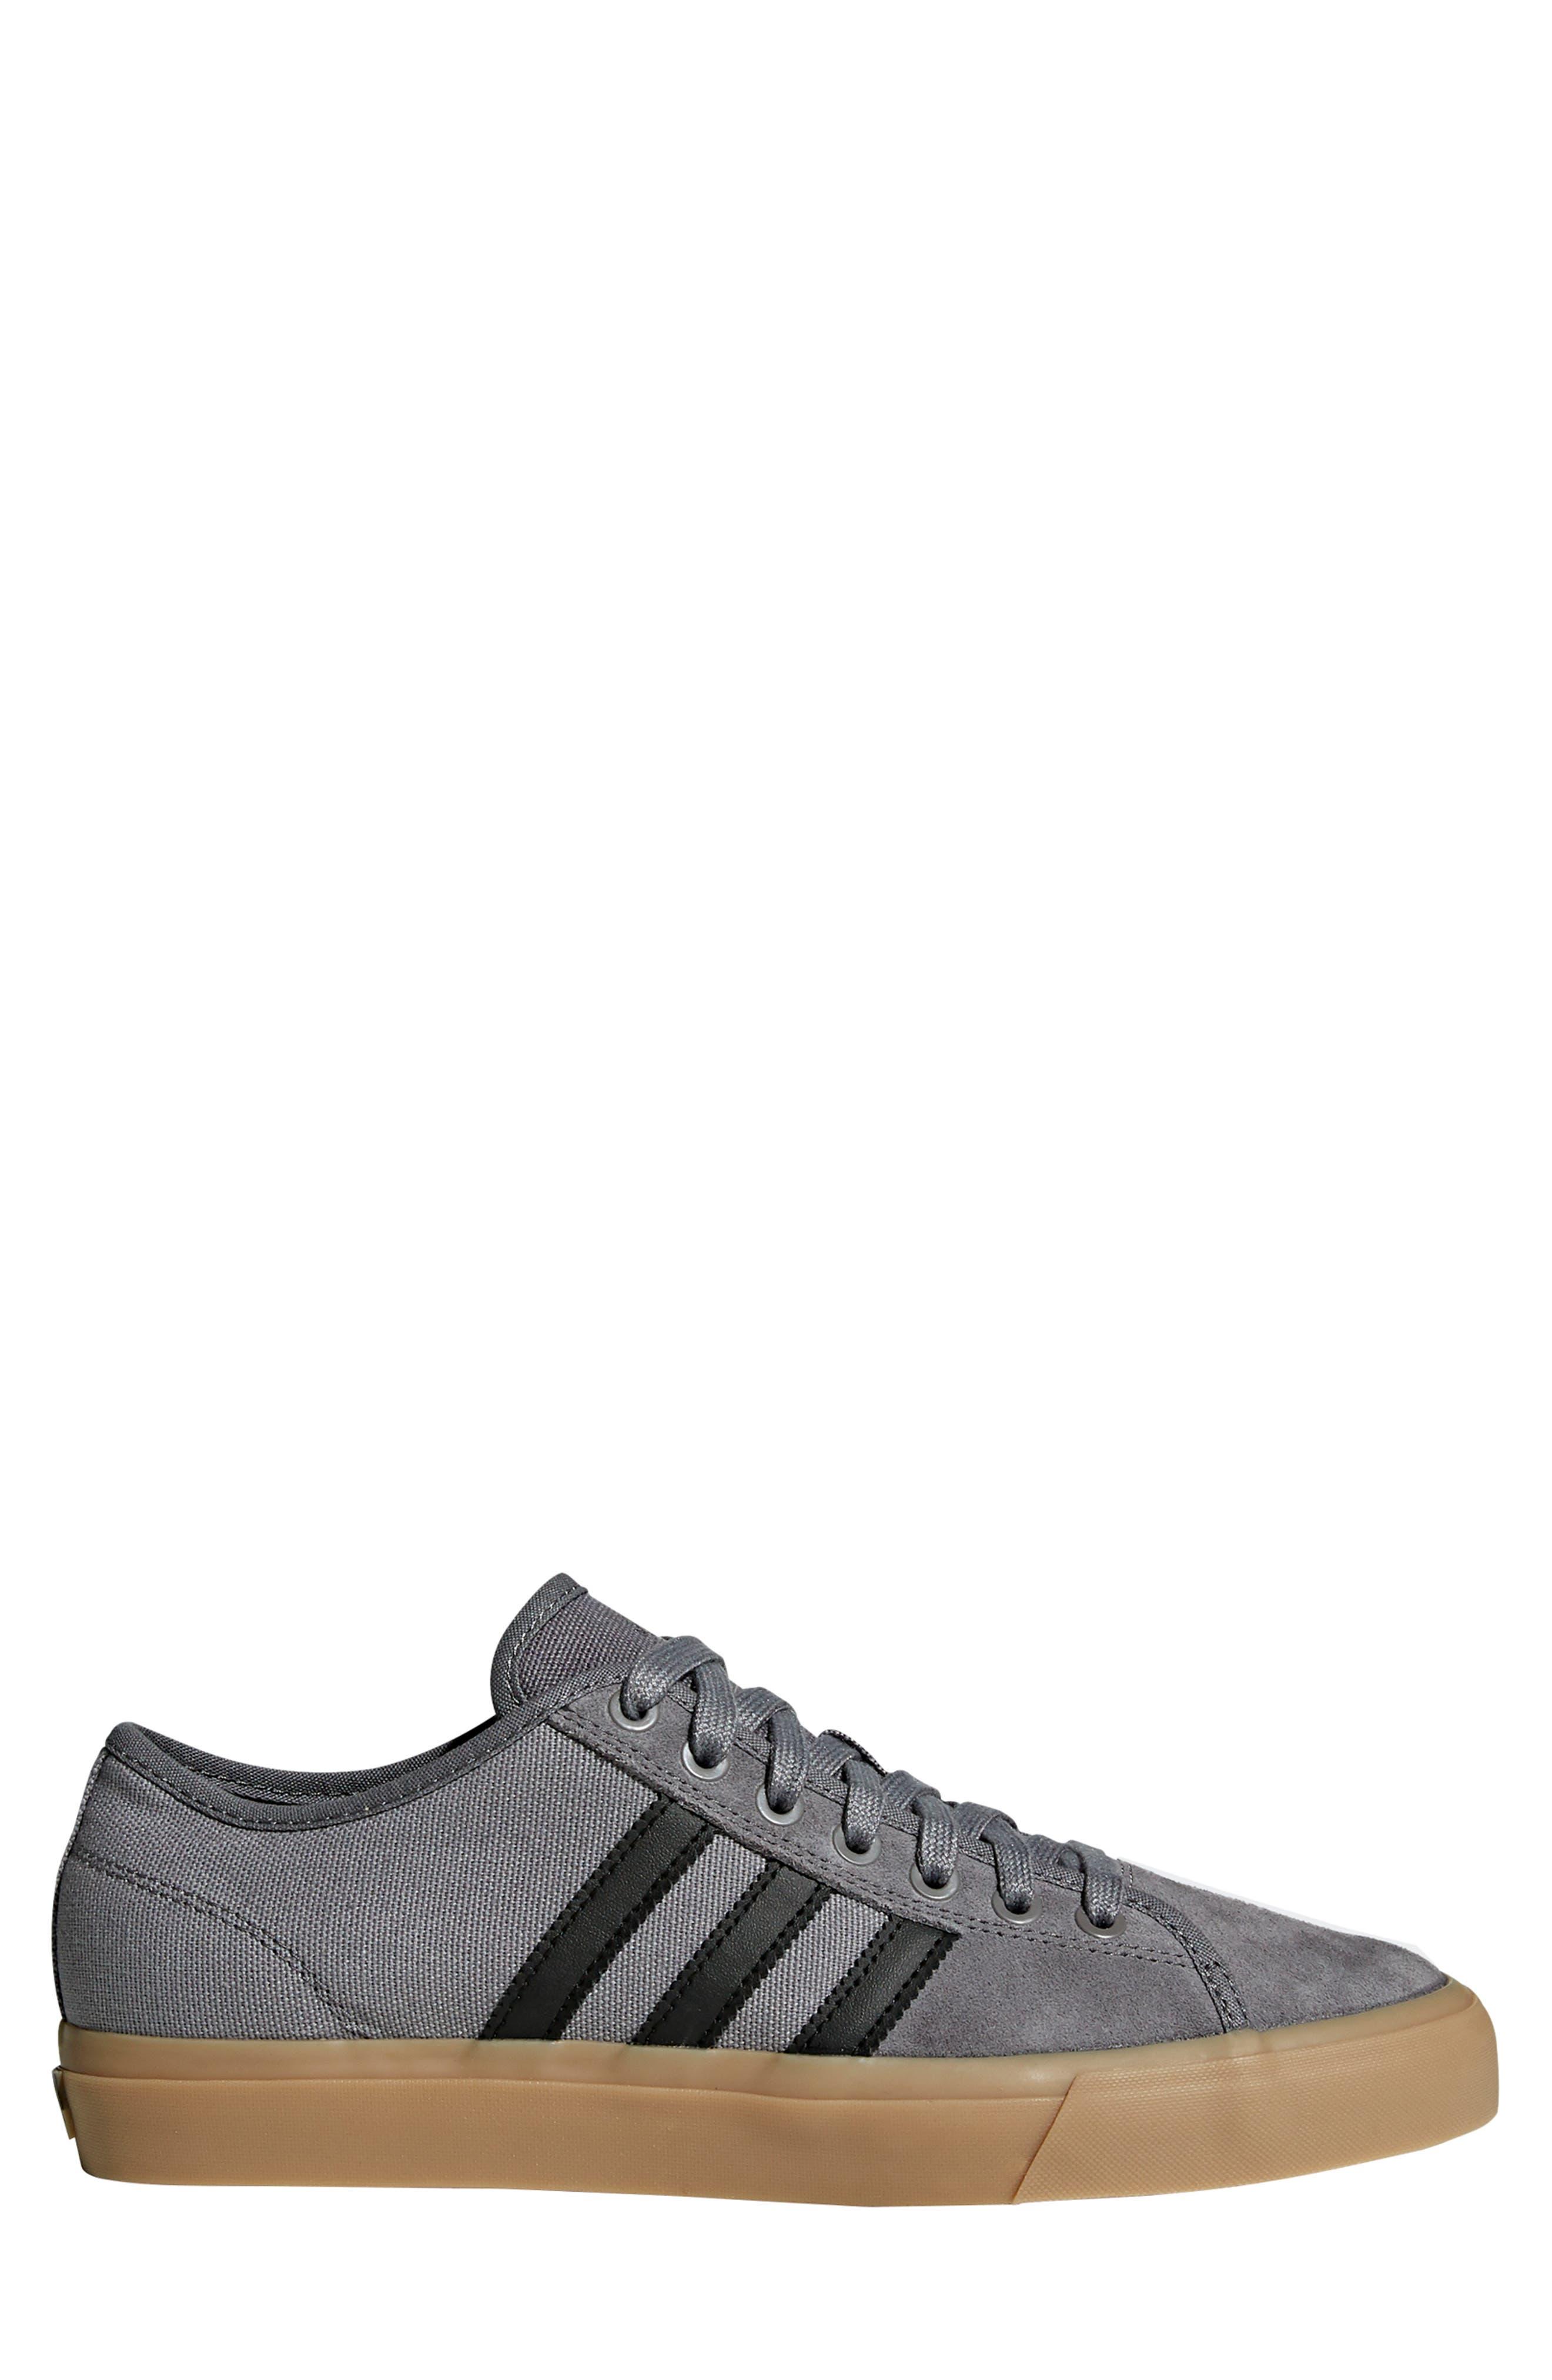 Matchcourt RX Sneaker,                             Main thumbnail 1, color,                             023